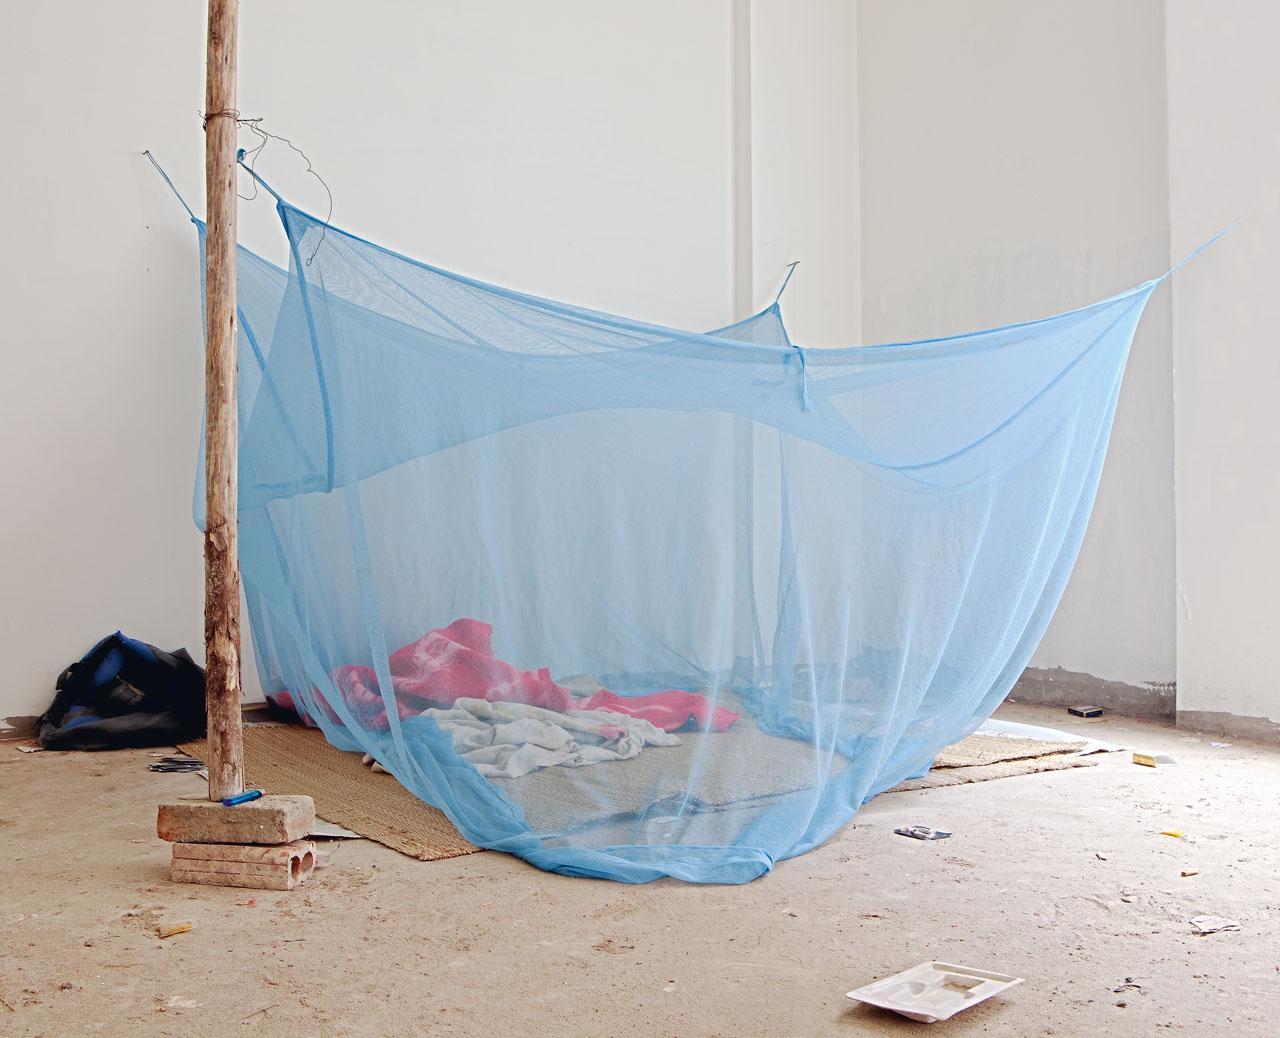 Sebastian Keitel - home - Felix Schoeller Photoaward